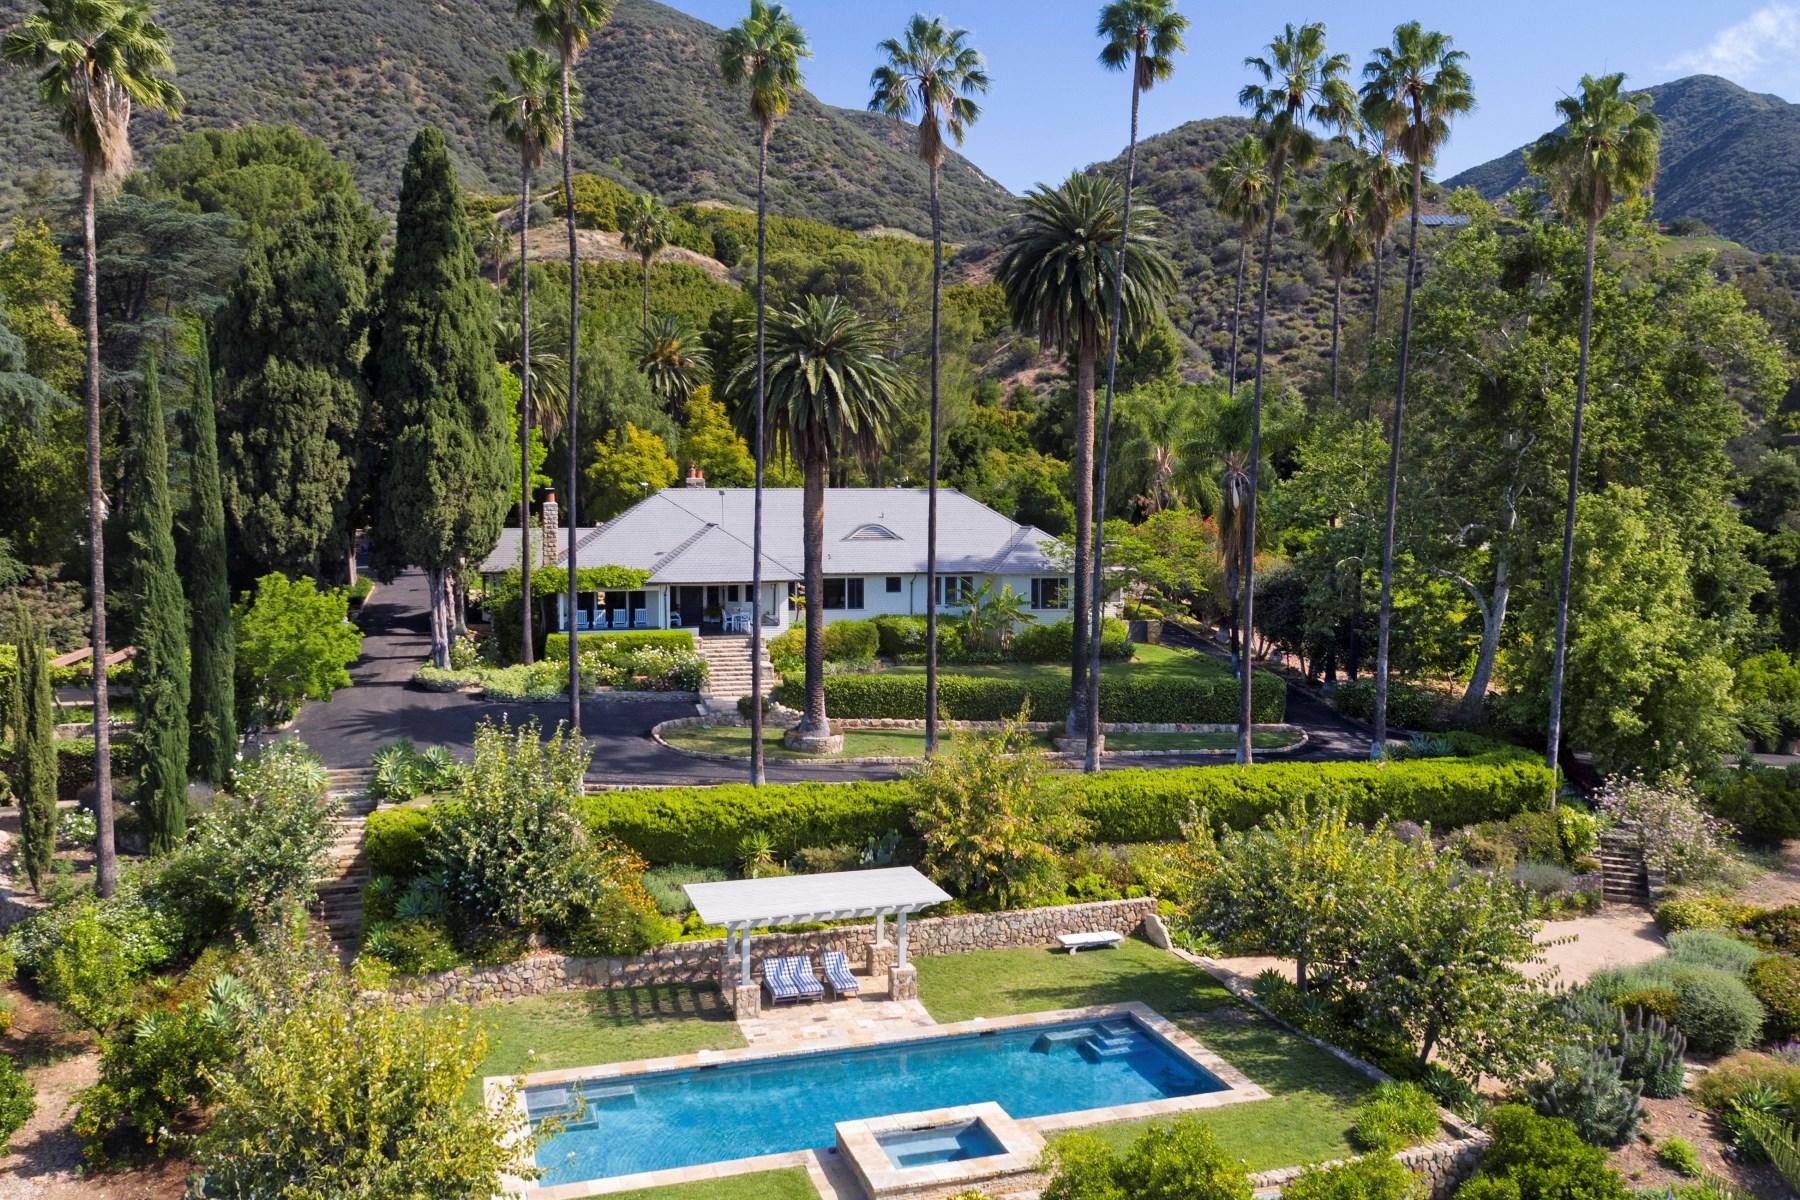 农场 / 牧场 / 种植园 为 销售 在 A Legendary Ojai Ranch 1901 Hermitage Road 奥海镇, 加利福尼亚州, 93023 美国